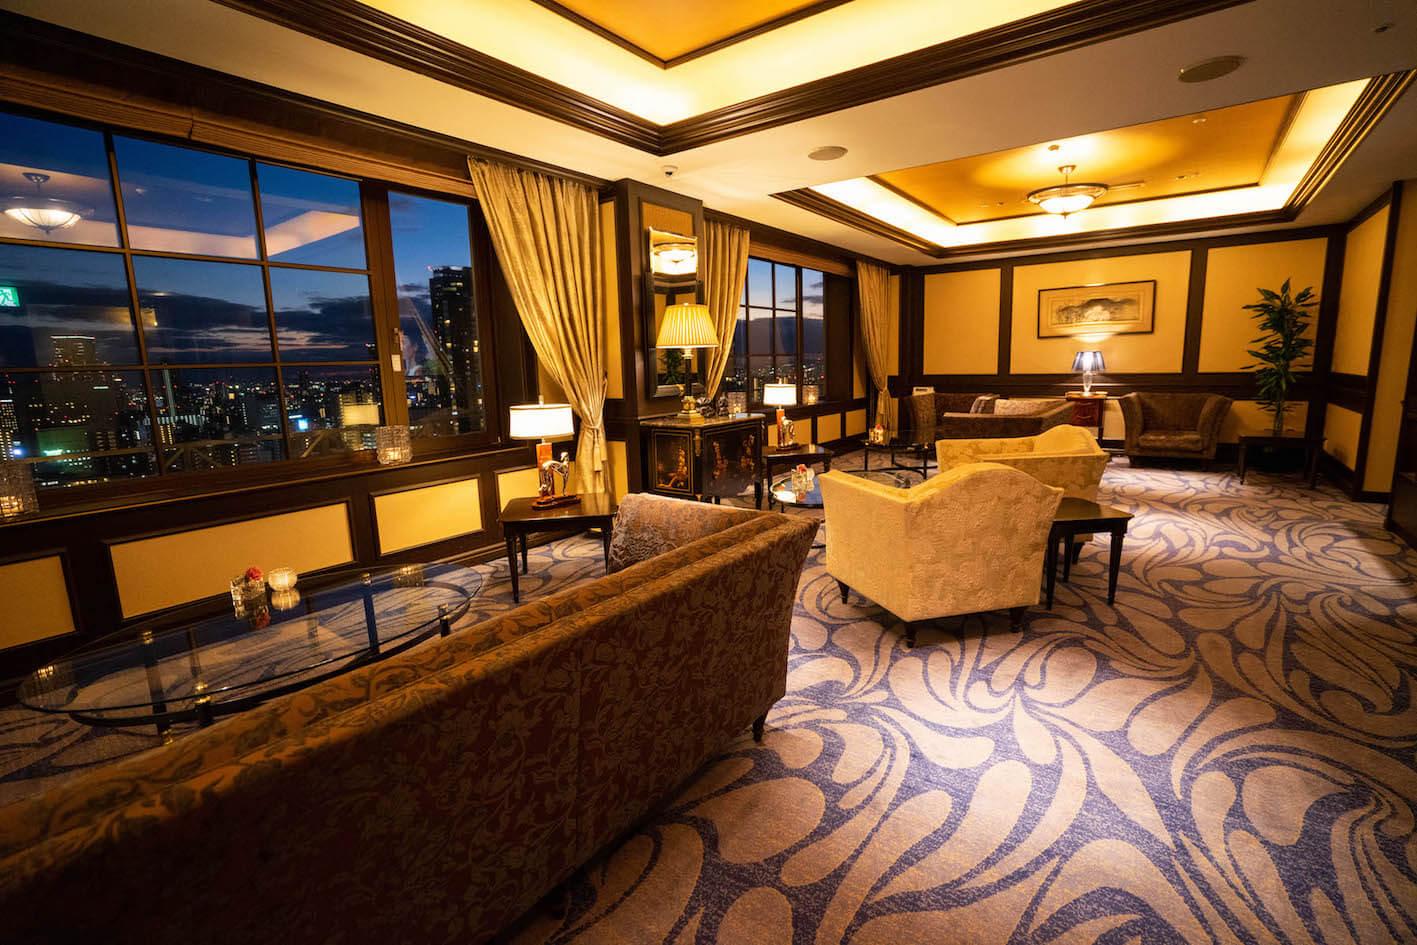 ウェスティンホテル大阪で愉しむ平日のステイケーション